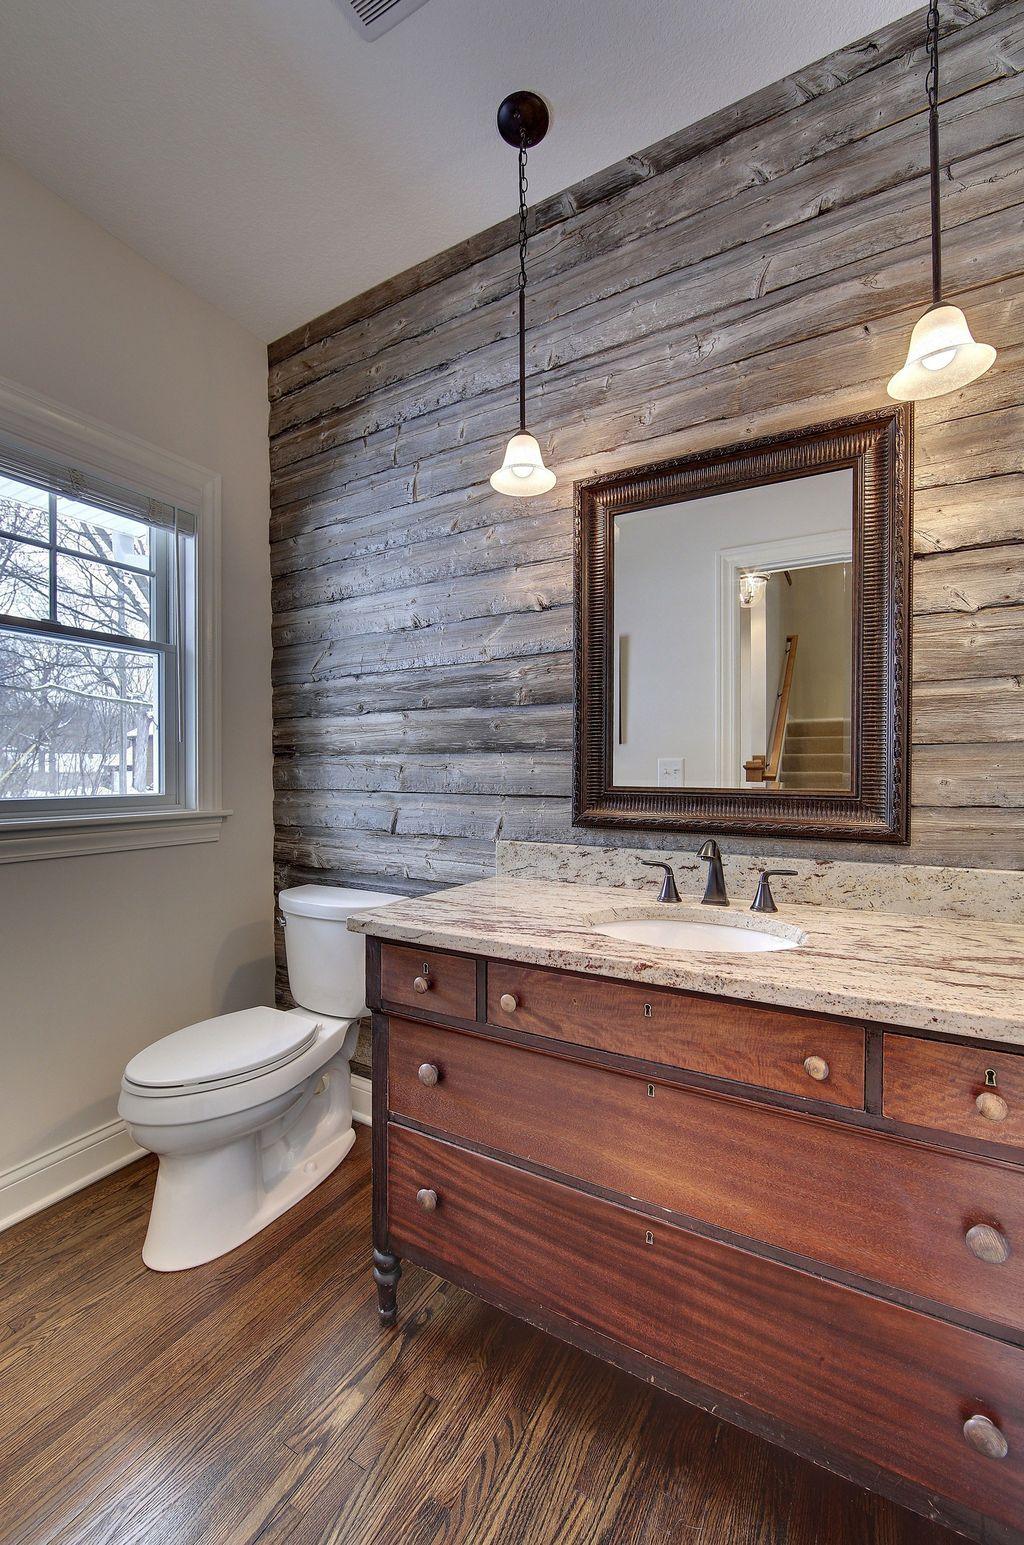 Amazing Rustic Barn Bathroom Decor Ideas 23